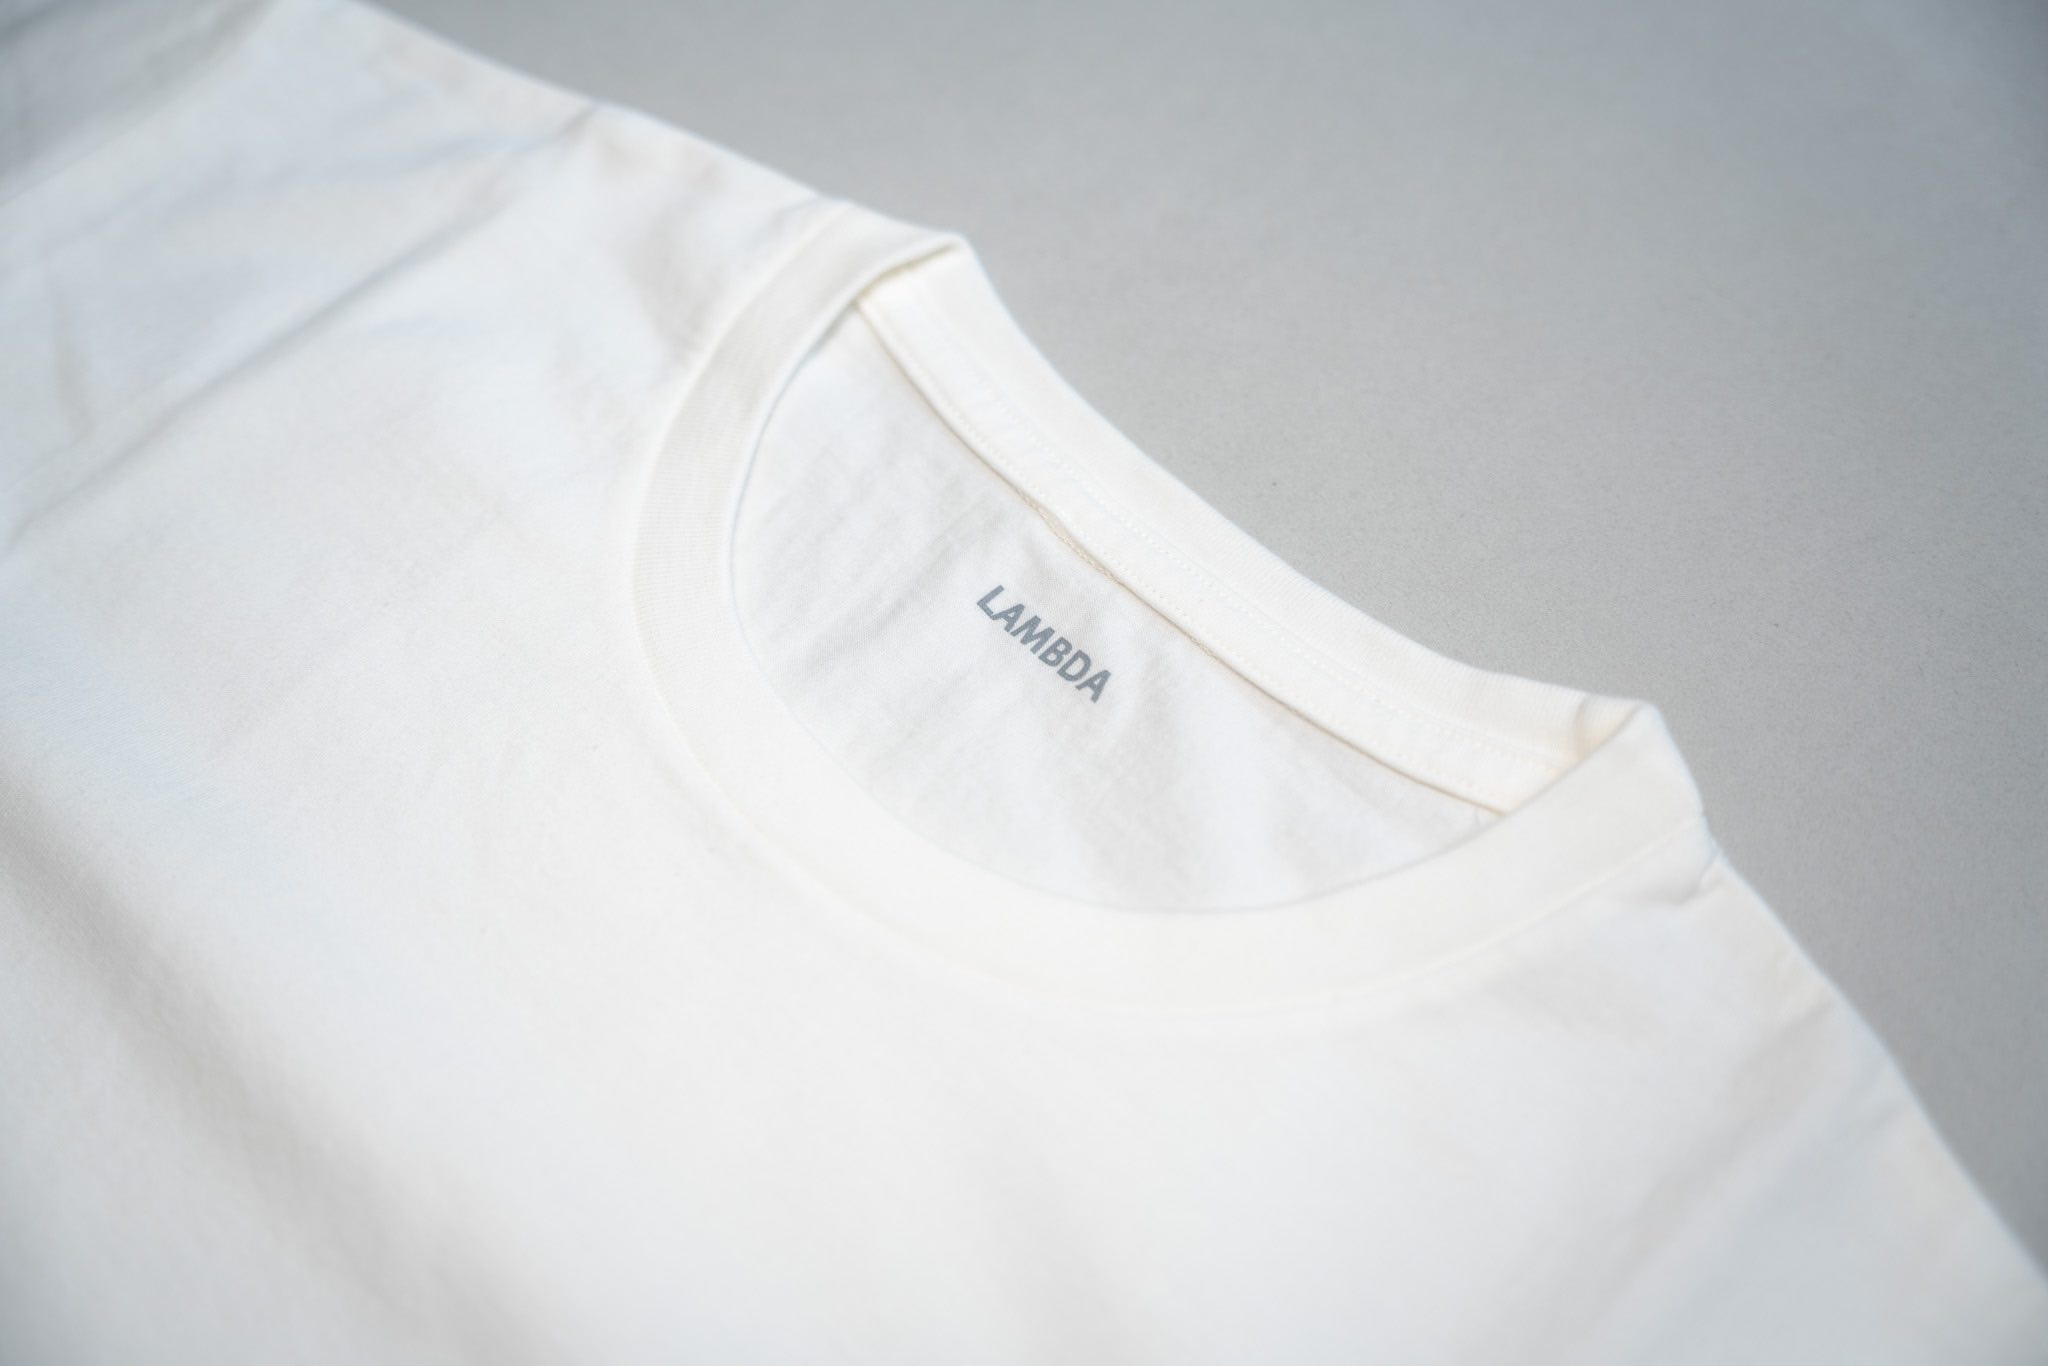 LAMDA パーソナライズTシャツ 縫製・生地のこだわり